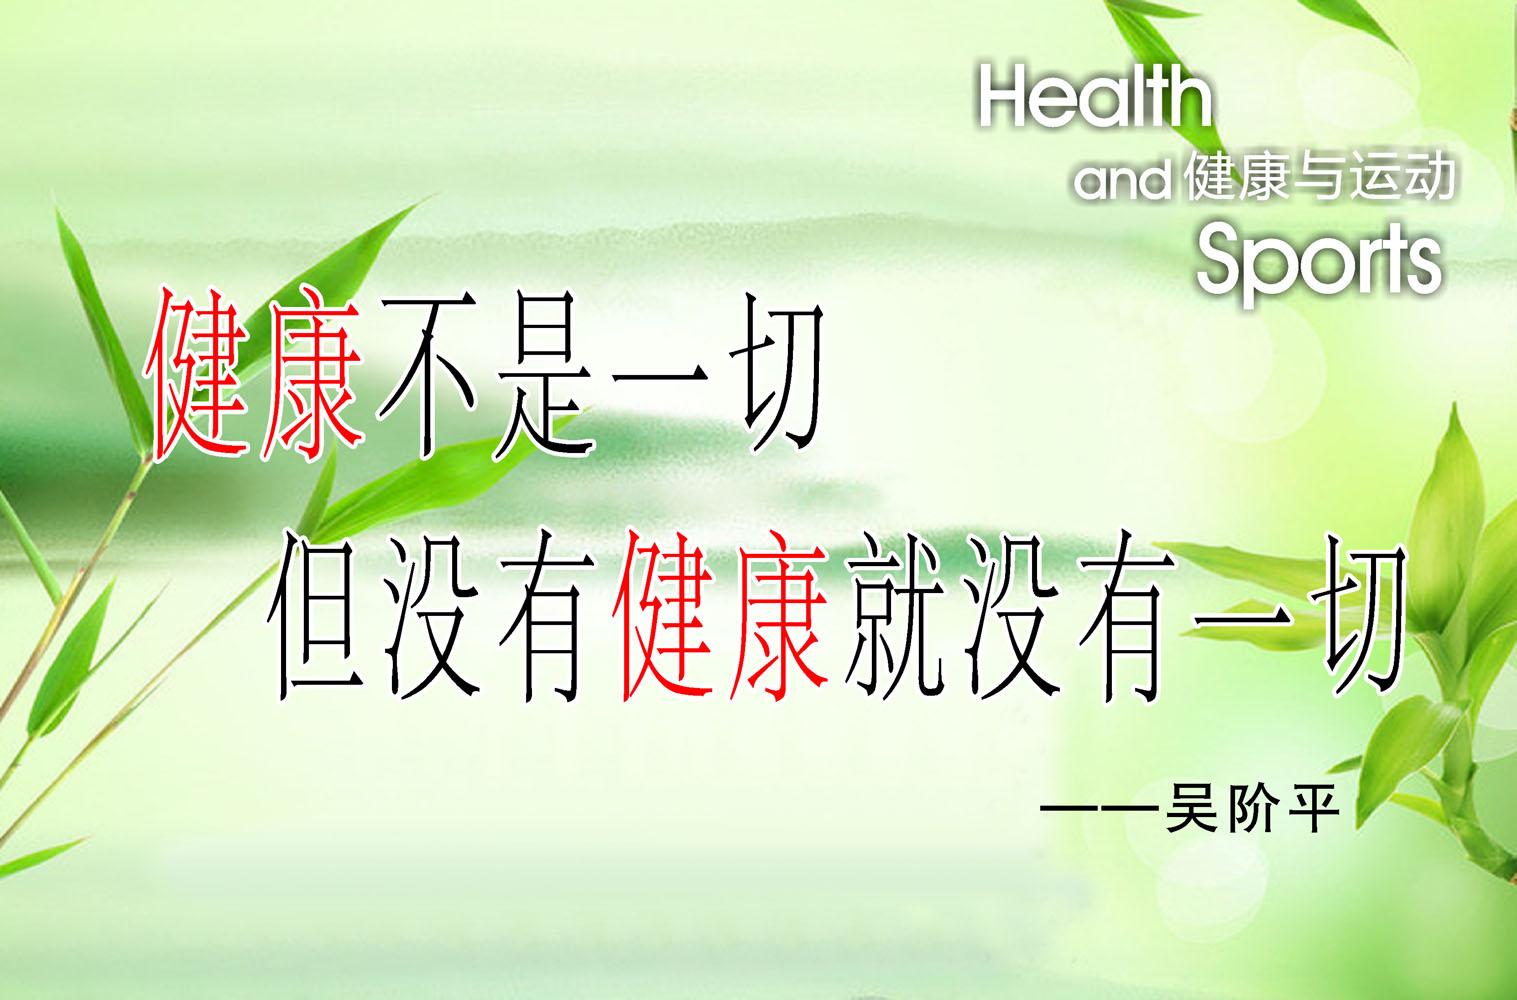 China Free Sports Posters, China Free Sports Posters Shopping Guide